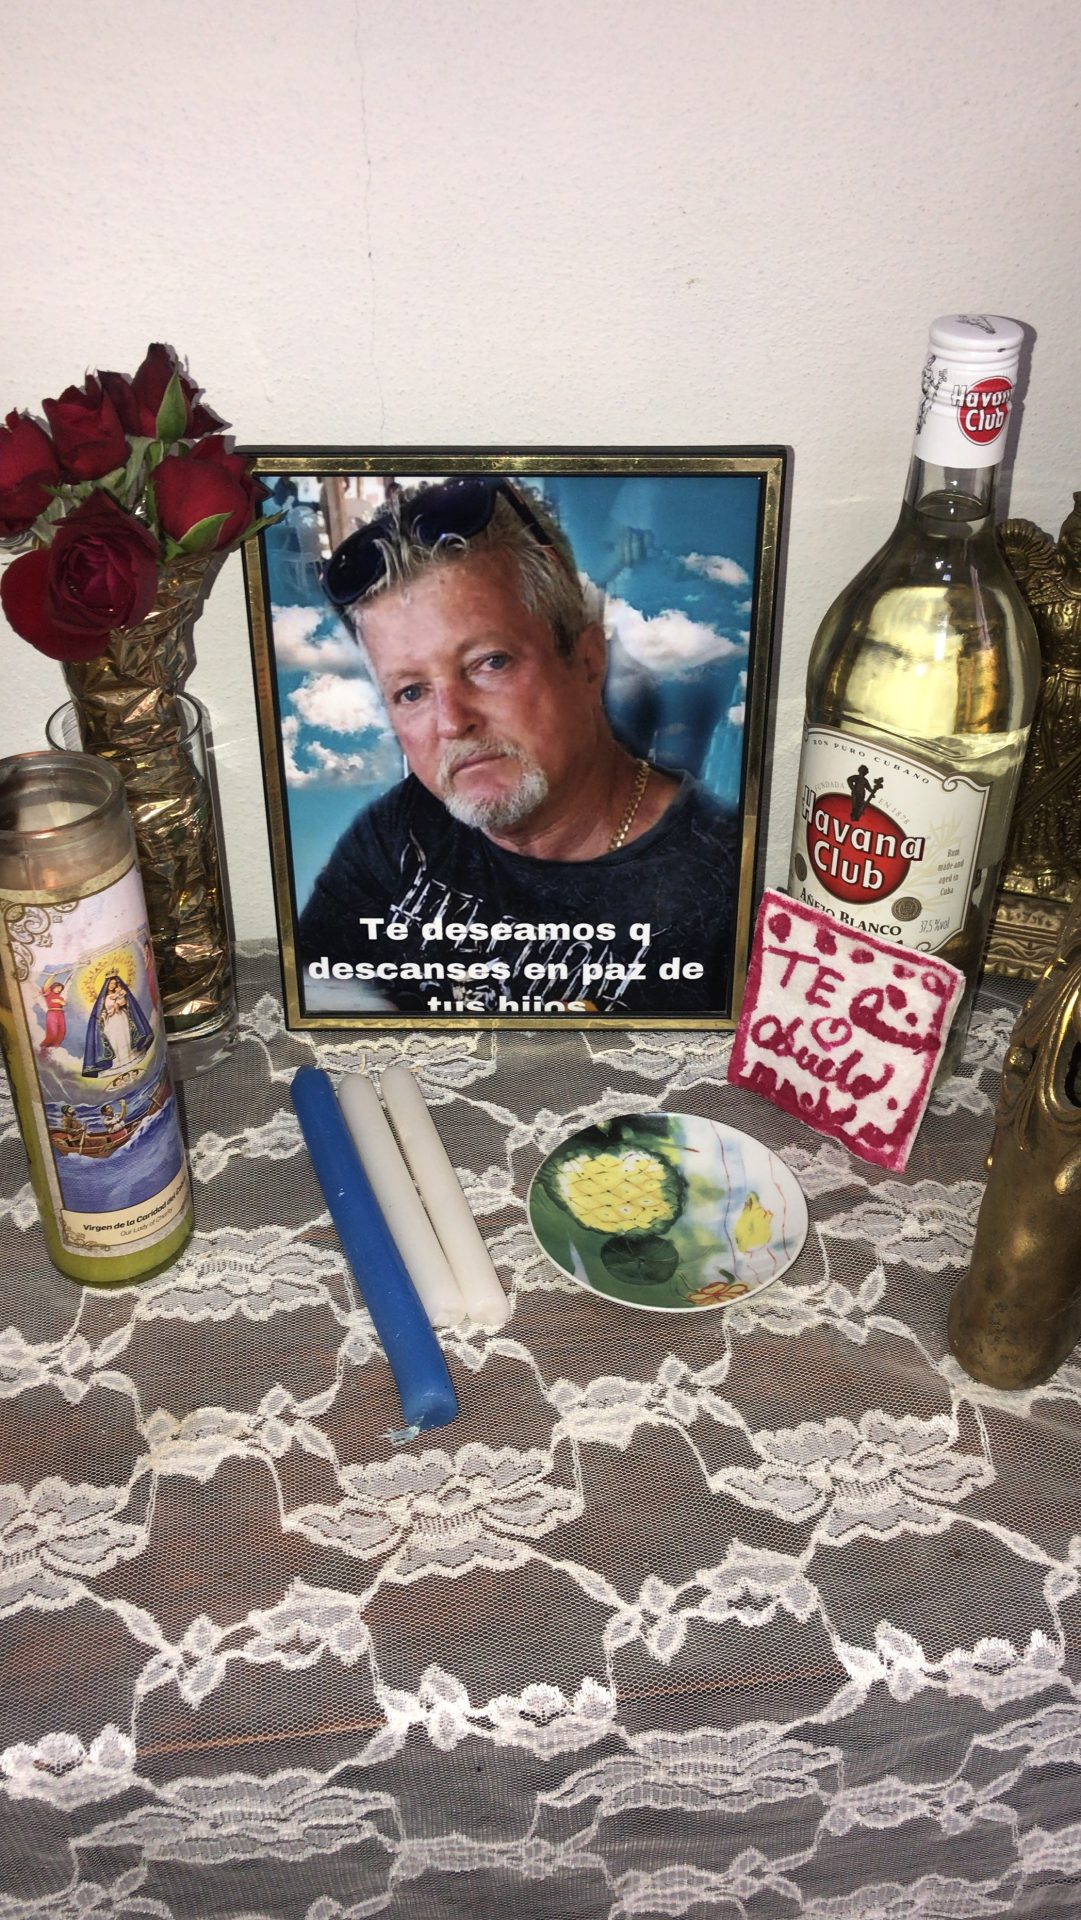 Papito siempre te vamos a recordar con Alegría y amor pero te vamos a extrañar